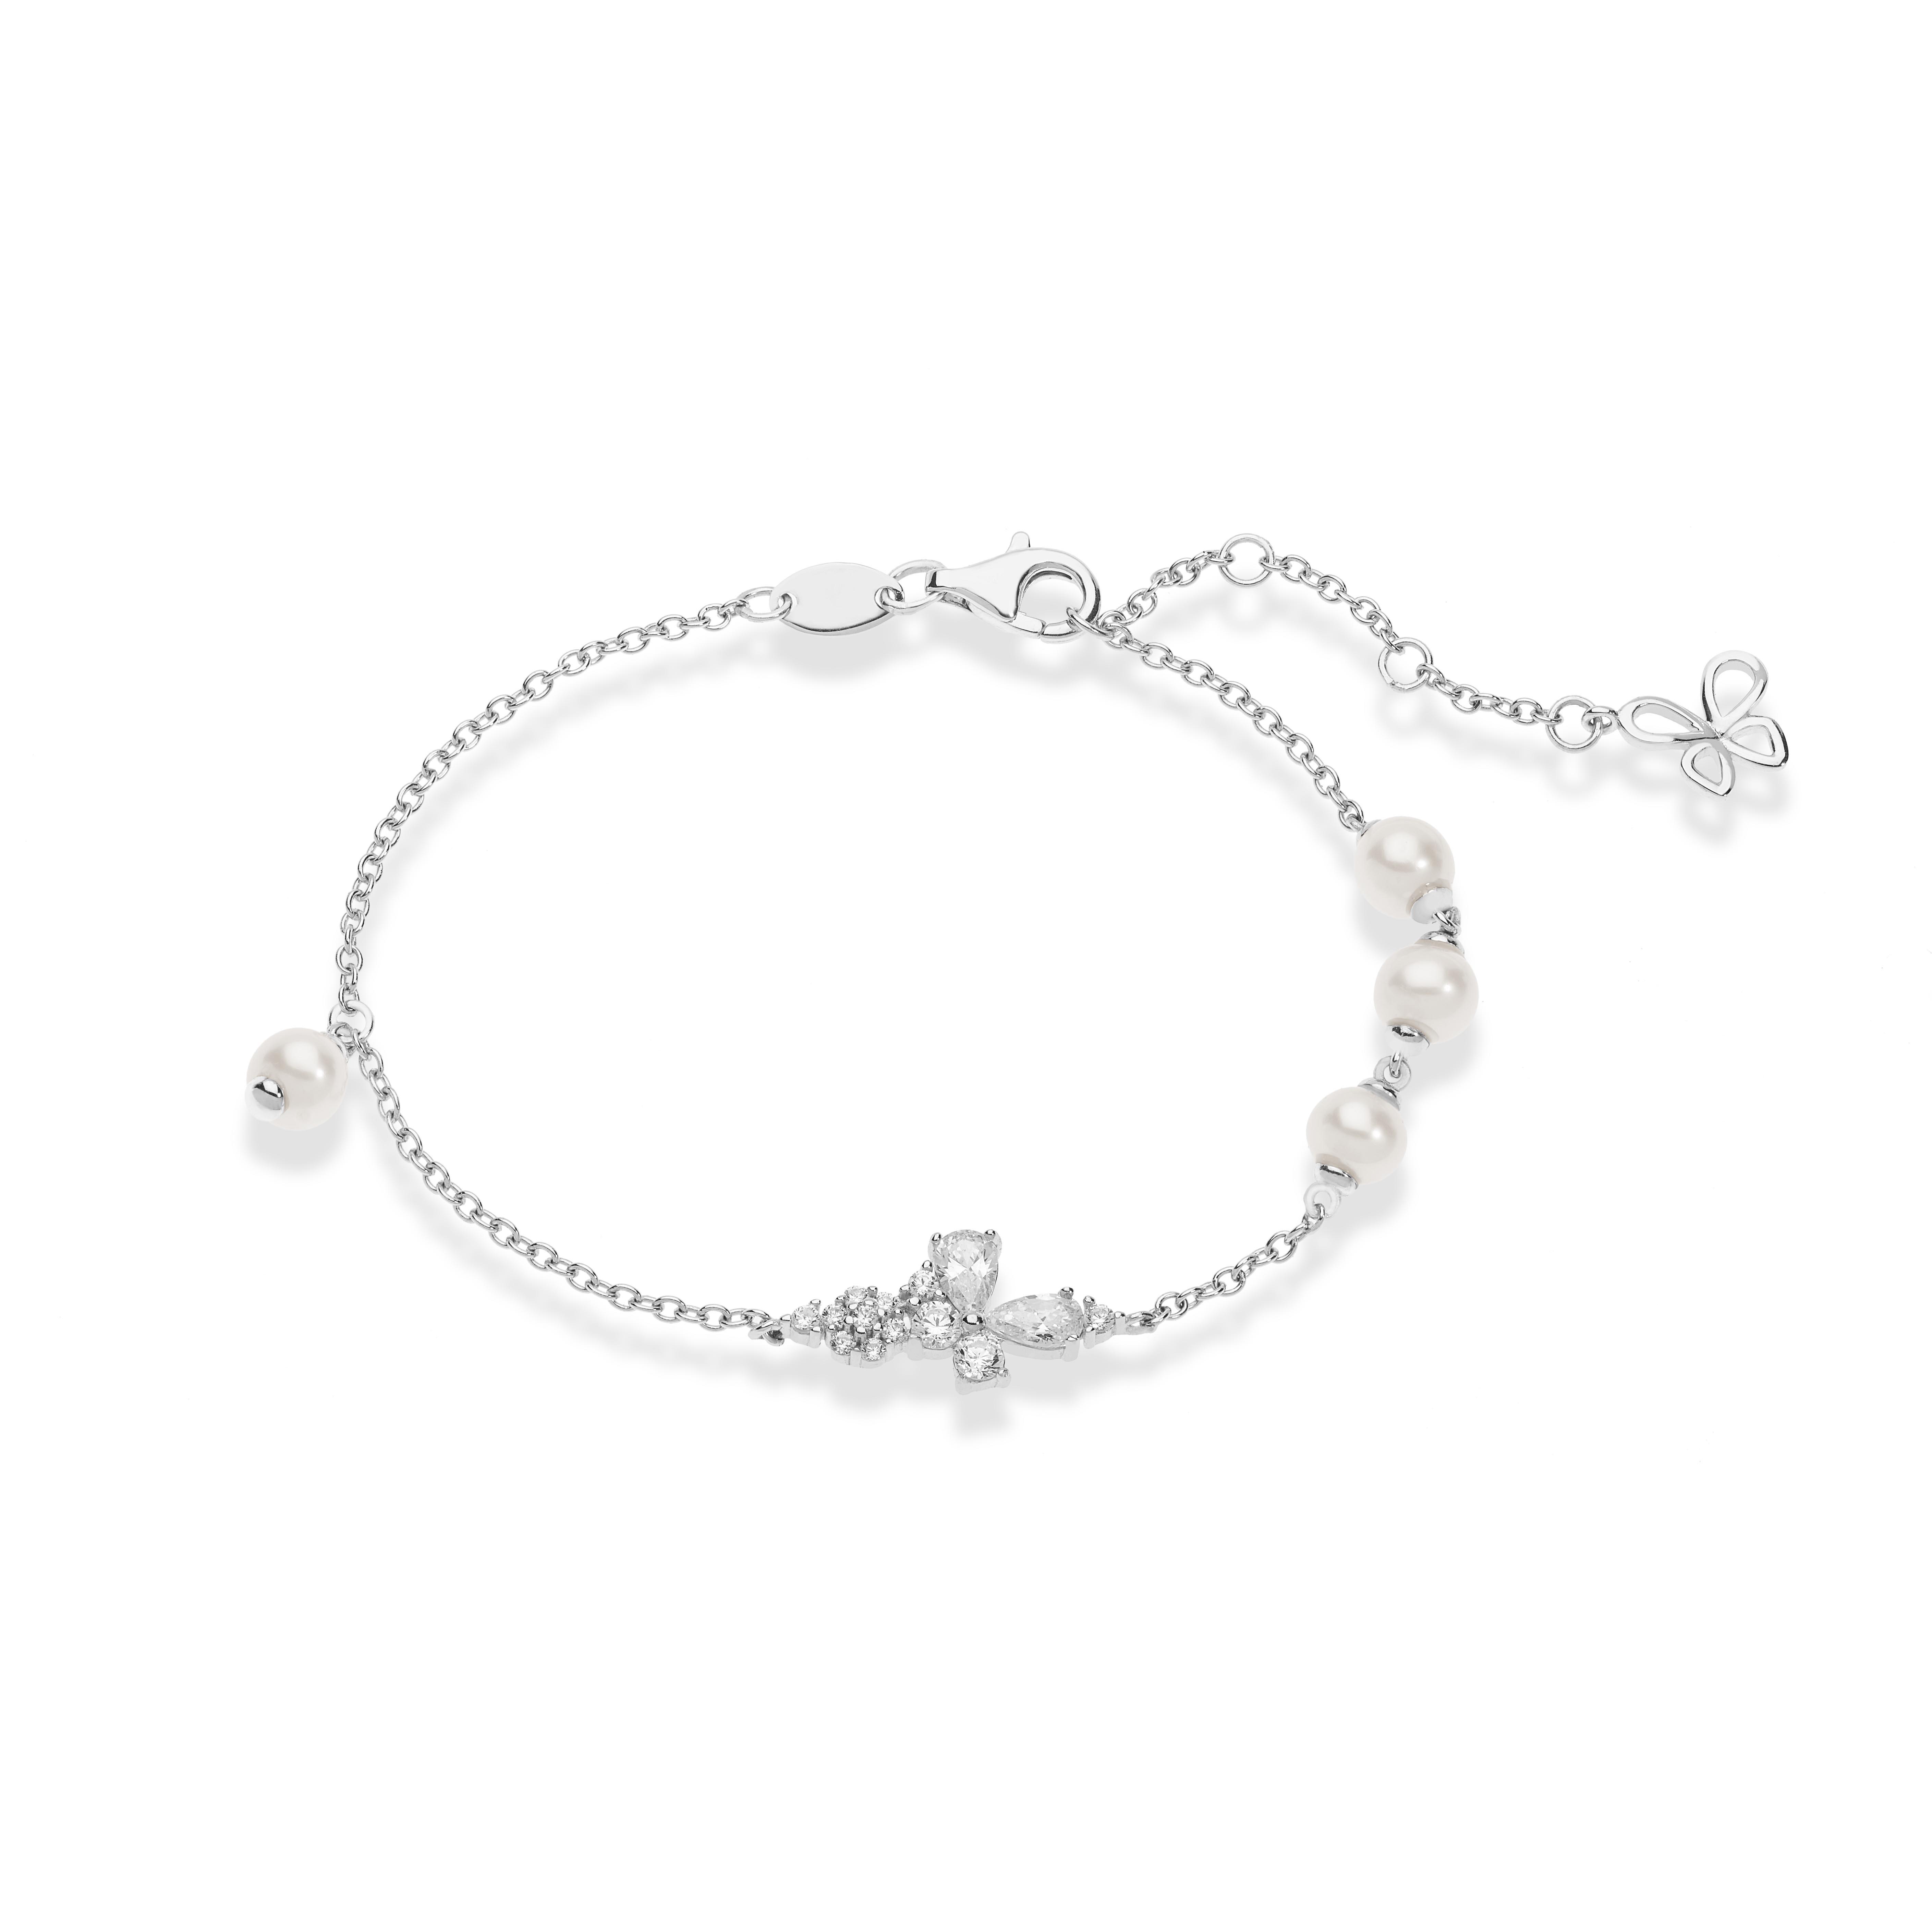 Bracciale in argento Comete Gioielli con zirconi e perle BRA 167